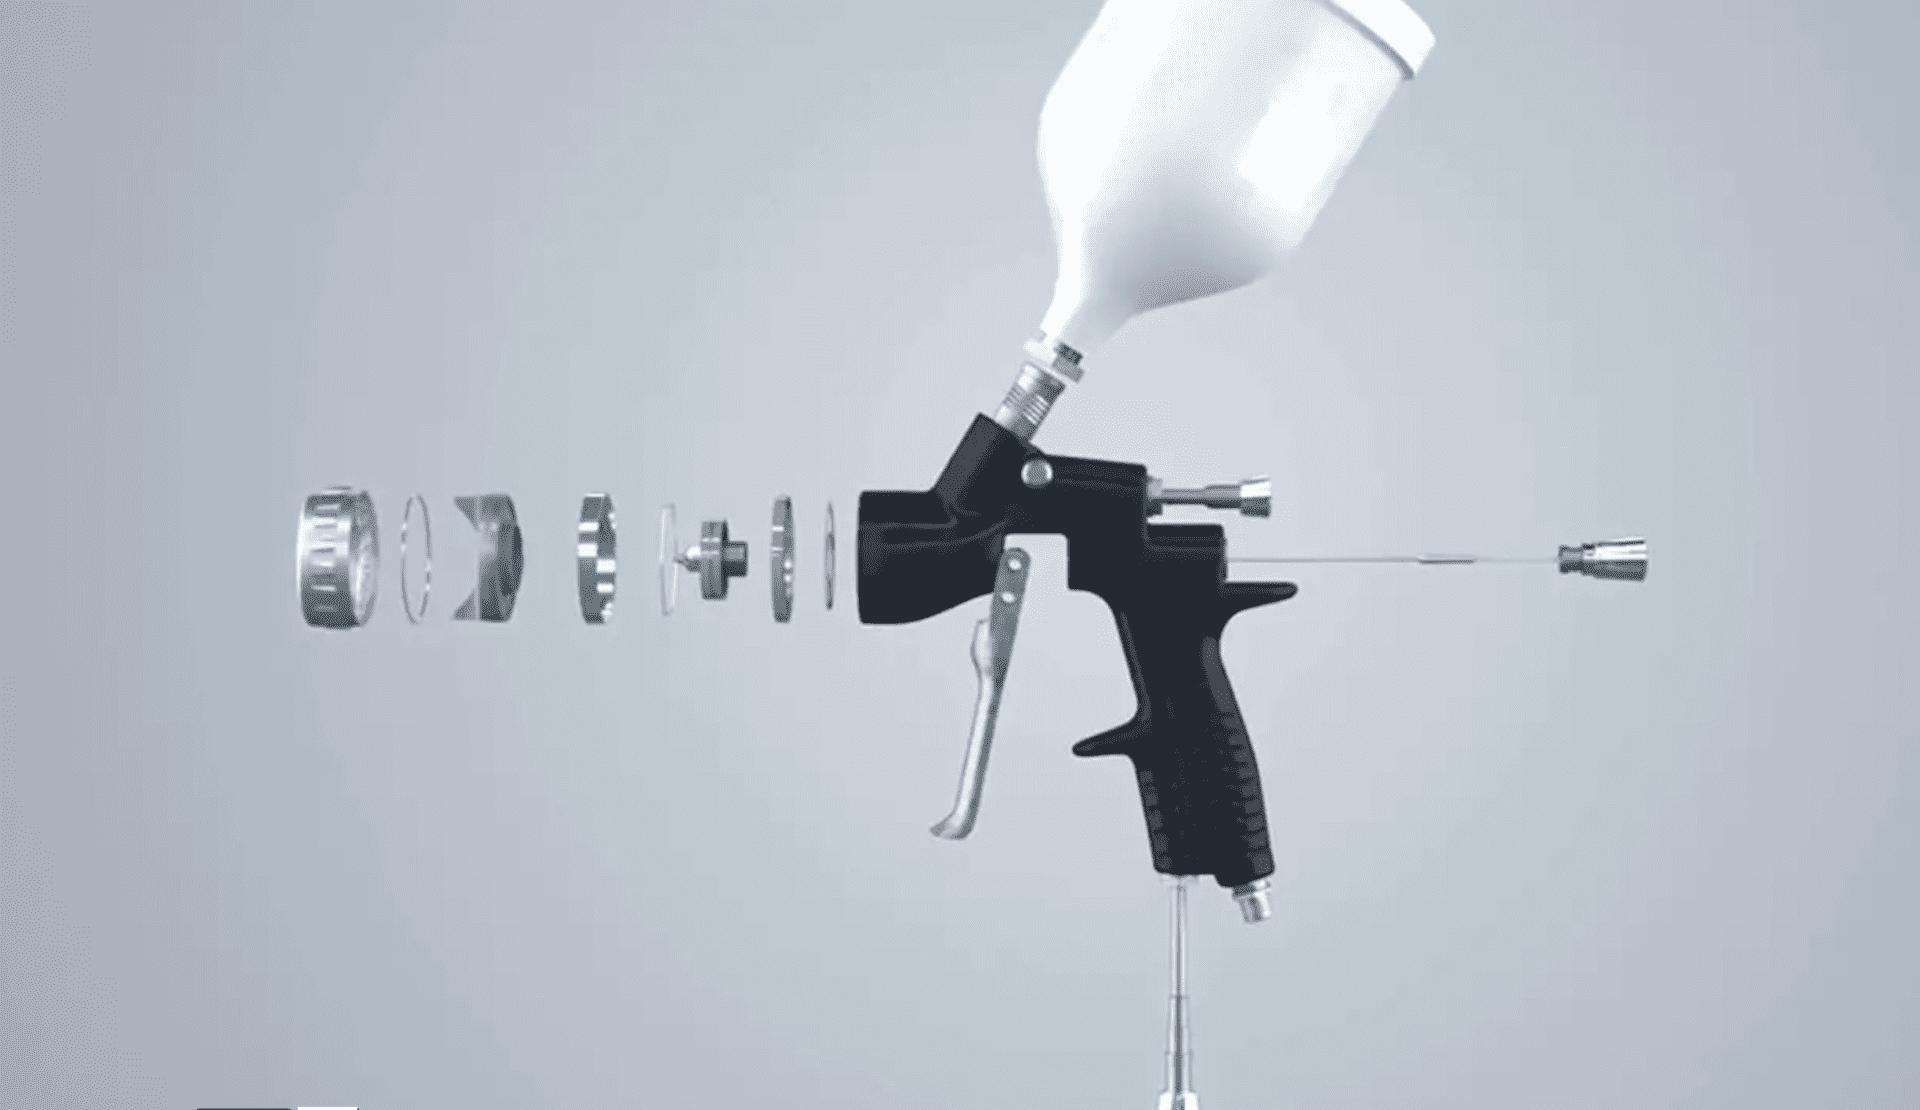 DeVILBISS 3D model deconstruction video